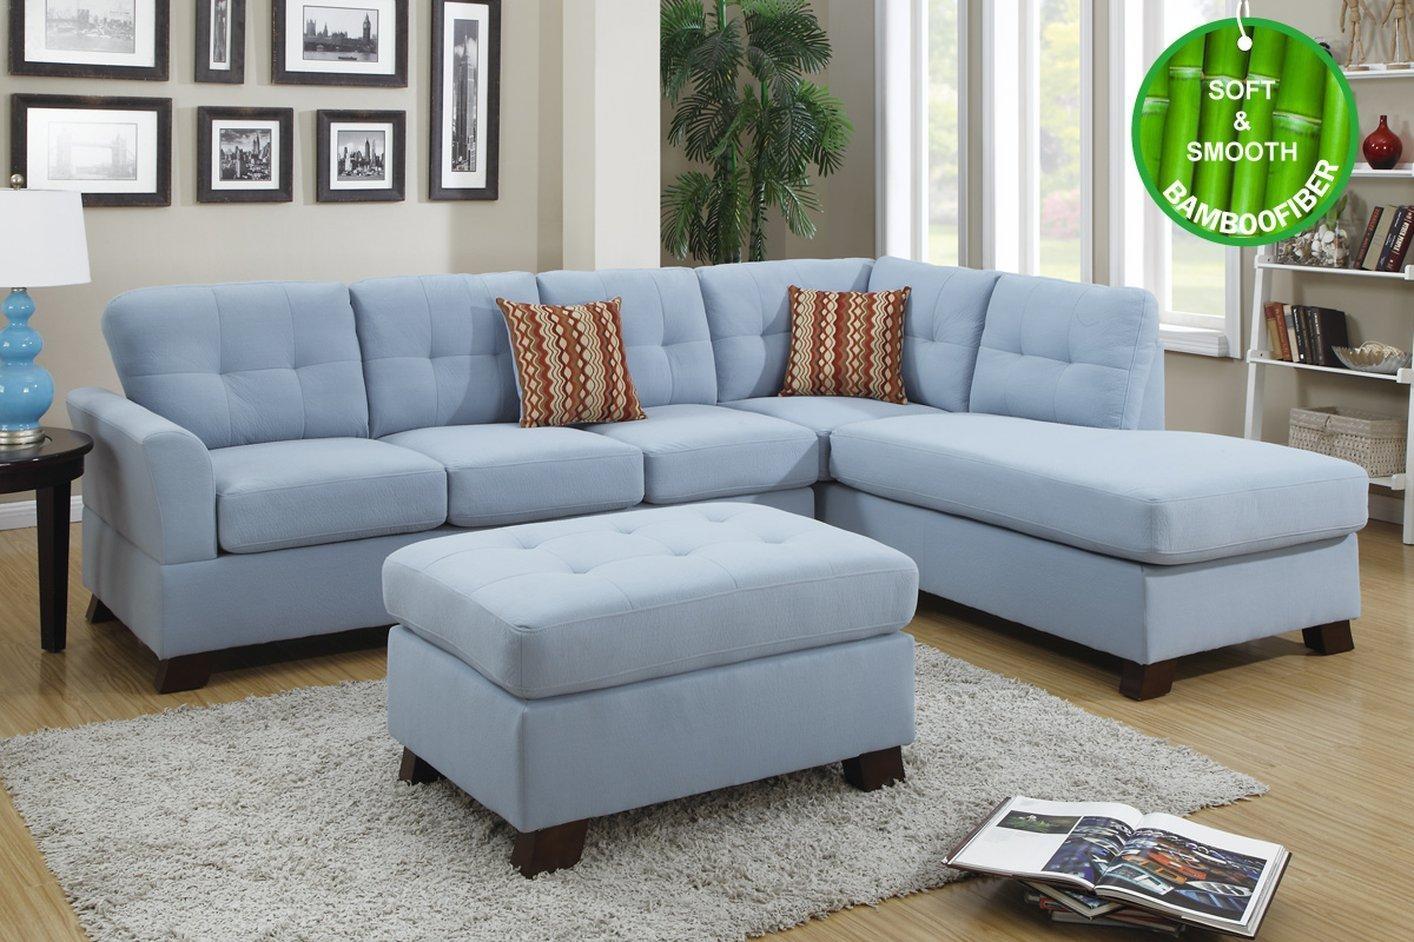 Sofas Center : Sectional Sofa Blue Velvet Denim Navy Houston Texas Regarding Blue Denim Sofas (View 20 of 20)